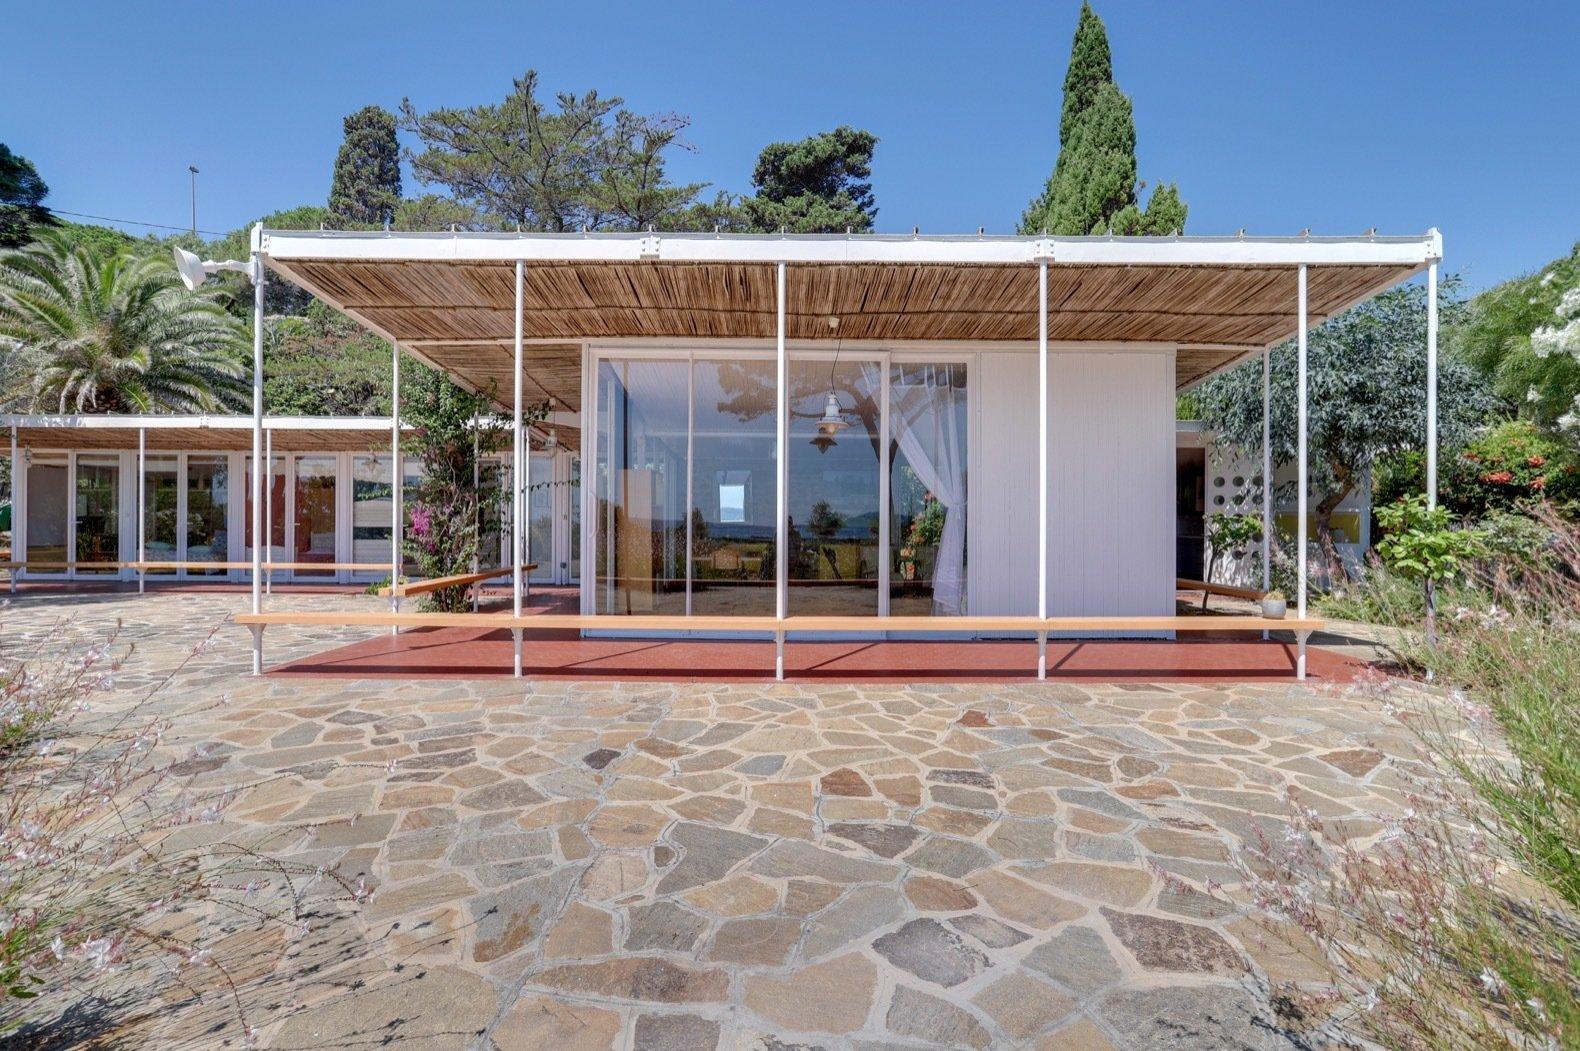 Villa Dollander exterior